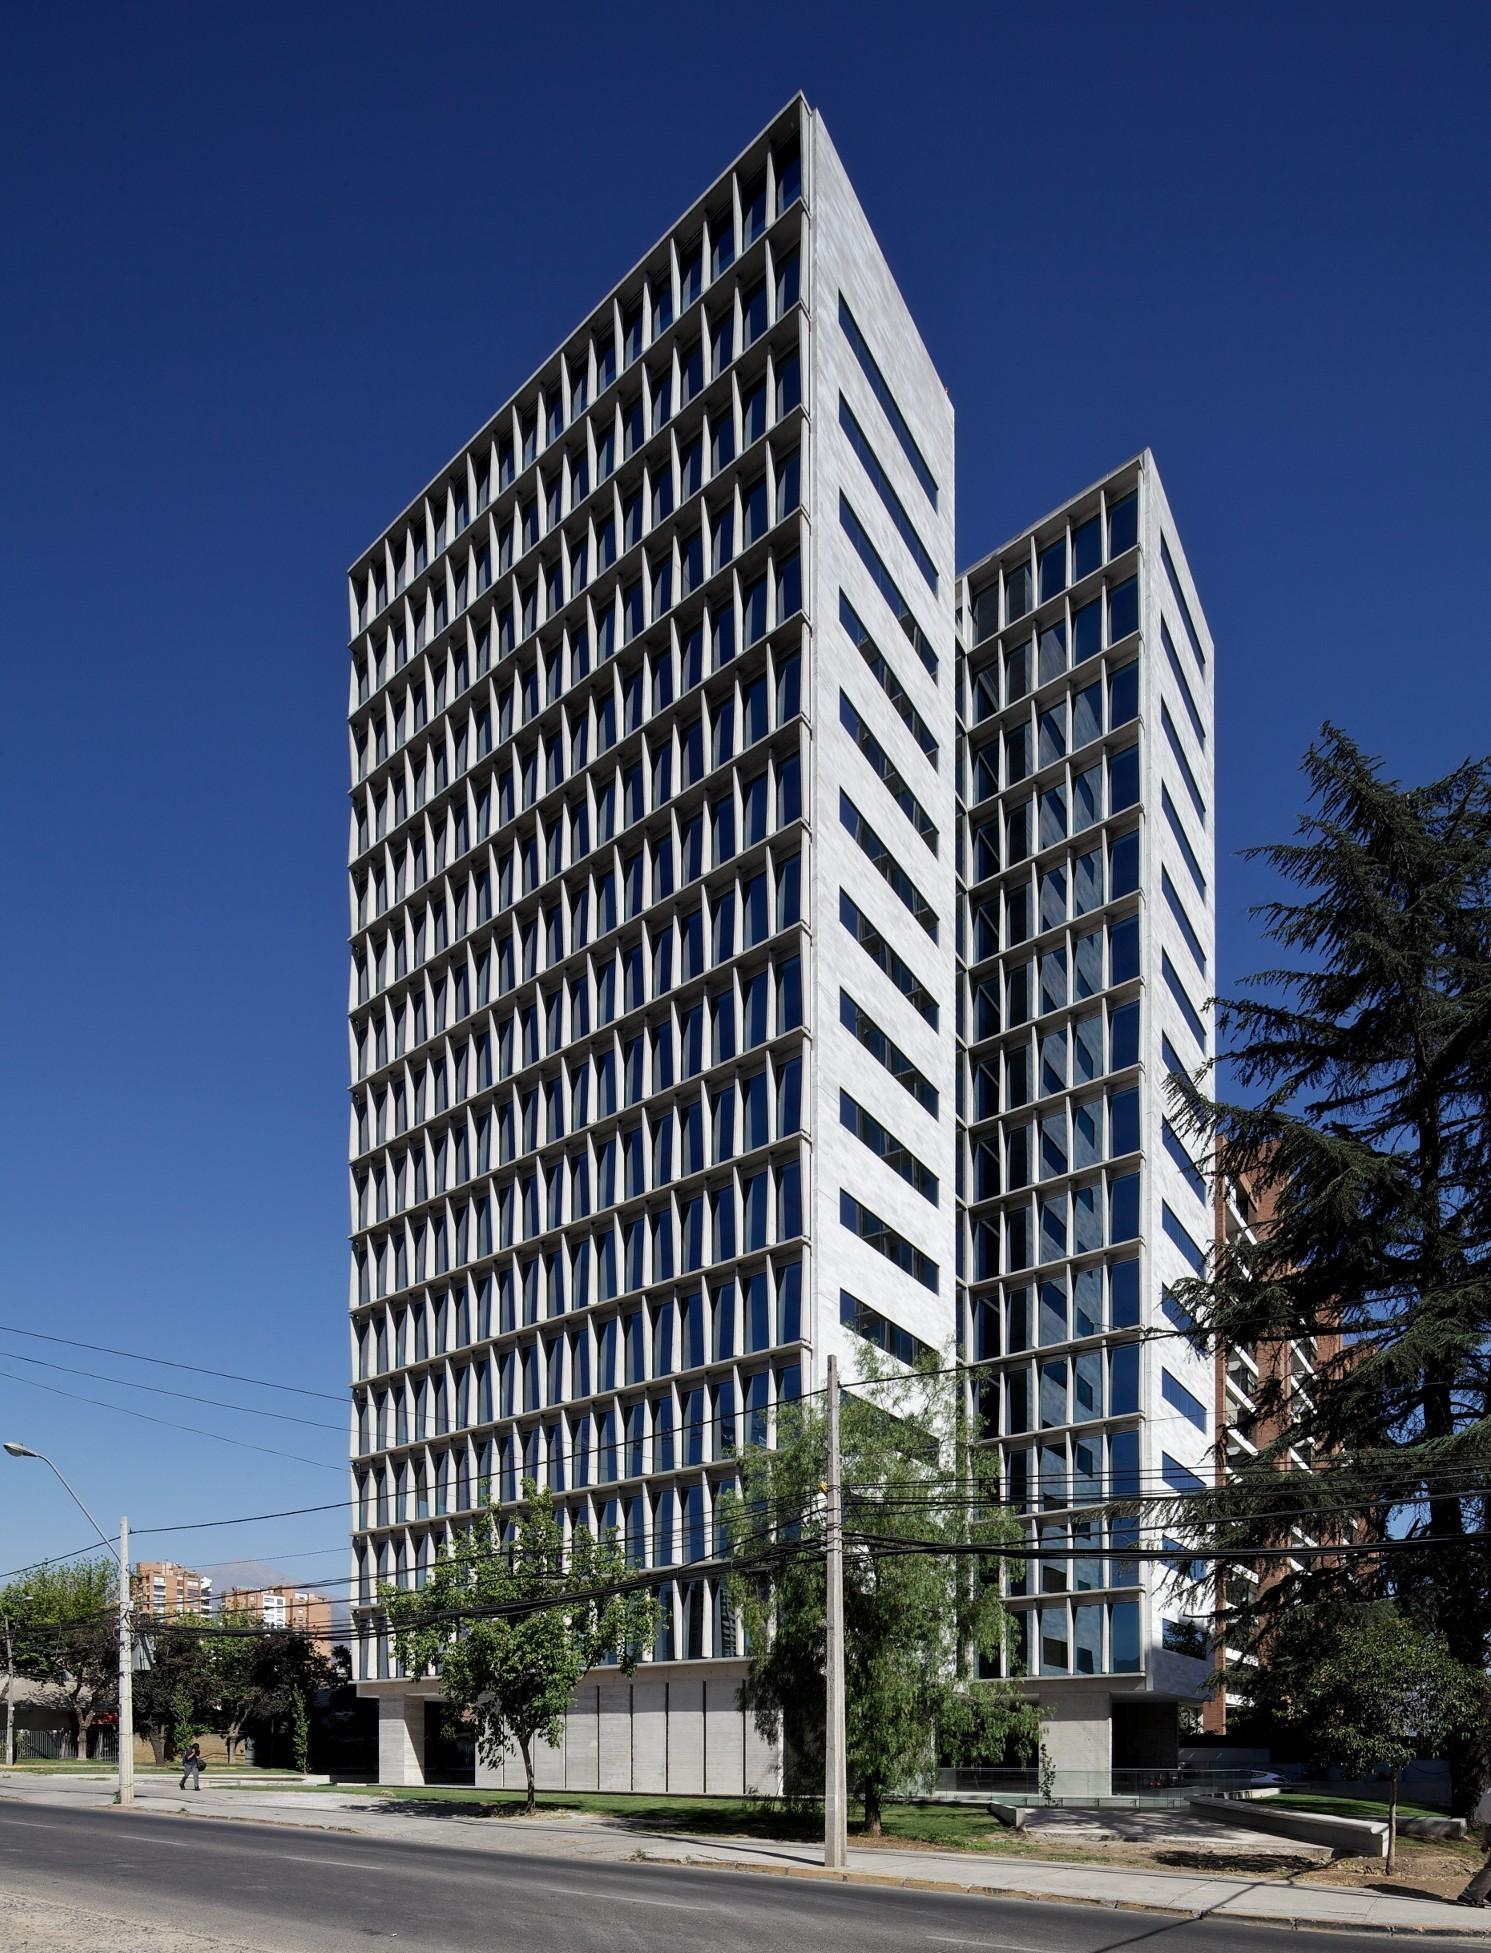 Edificio de Oficinas Calle Los Militares / Mobil Arquitectos + Cruz & Browne Arquitectos, © Nico Saieh